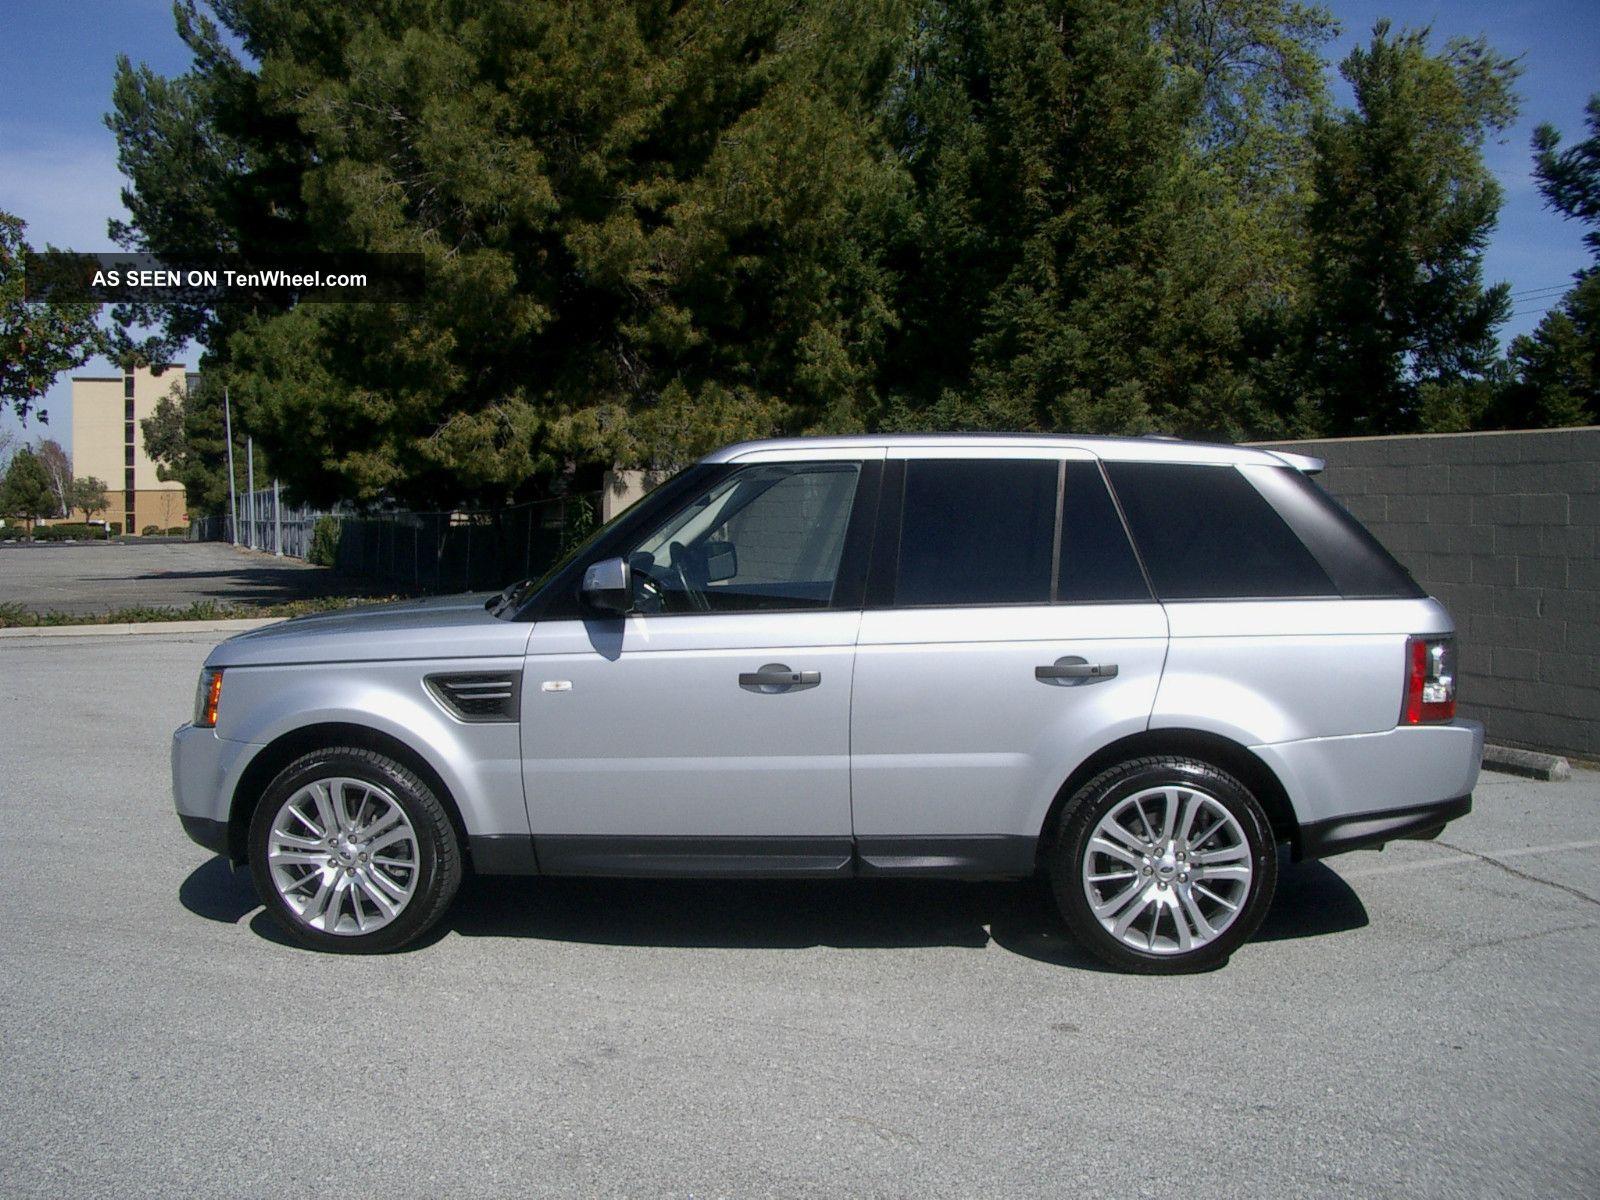 2010 Land Rover Range Rover Sport Hse Sport 5.  0l Luxury Interior Package 38k Mi Range Rover Sport photo